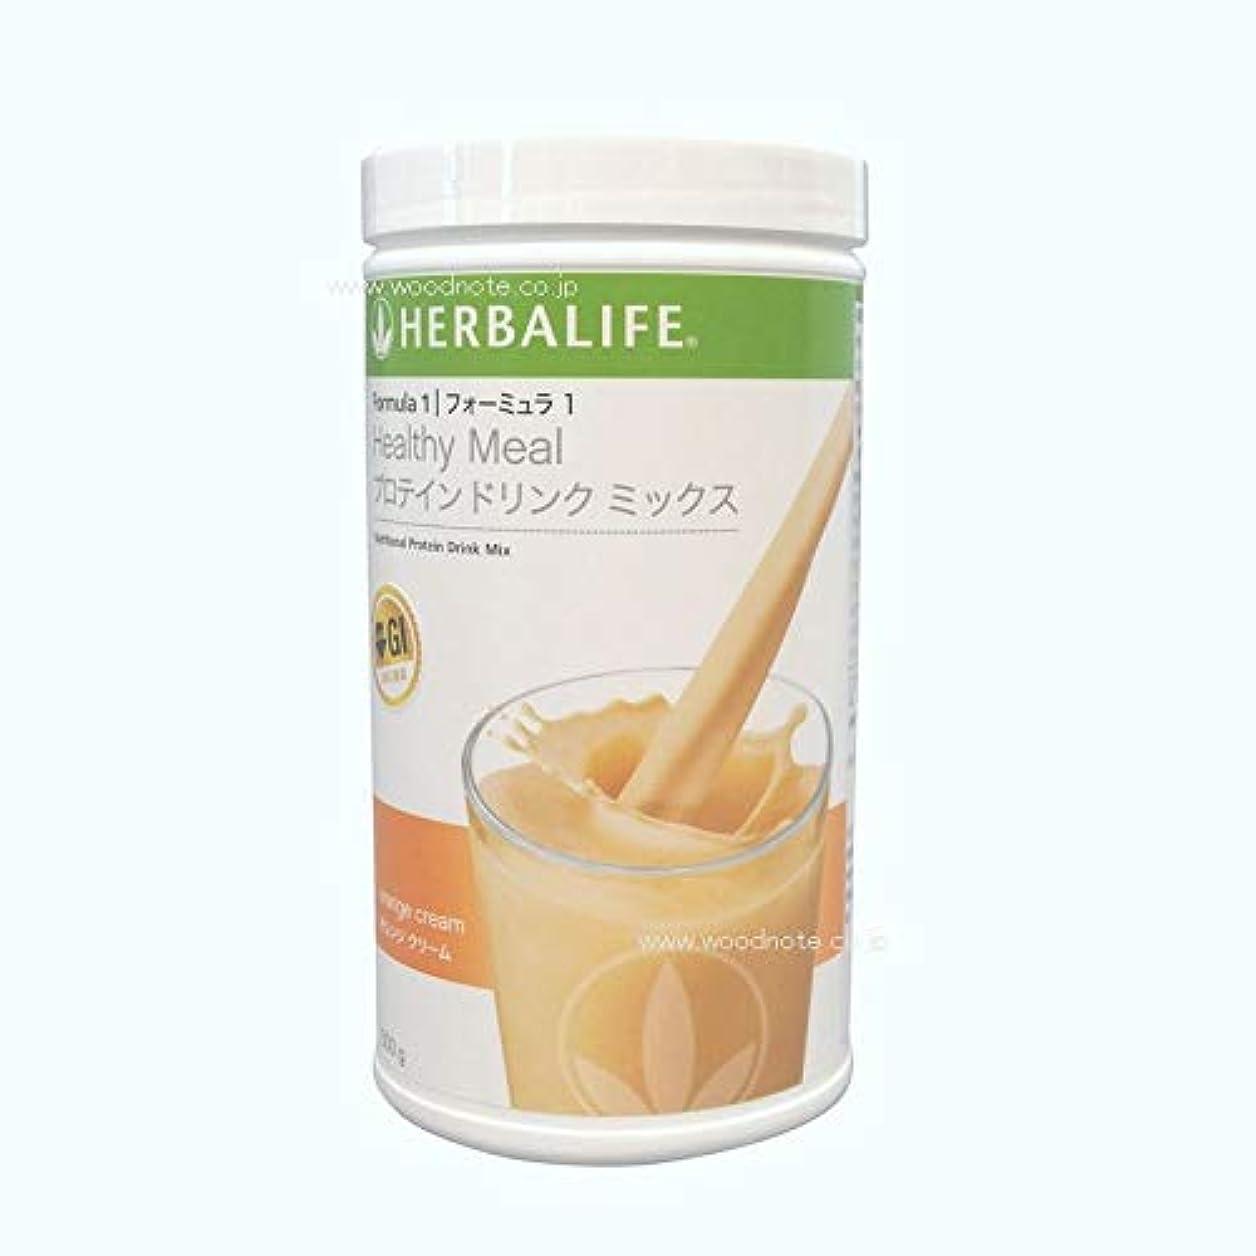 記事圧倒的南ハーバライフ HERBALIFE フォーミュラ1プロテインドリンクミックス オレンジクリーム味